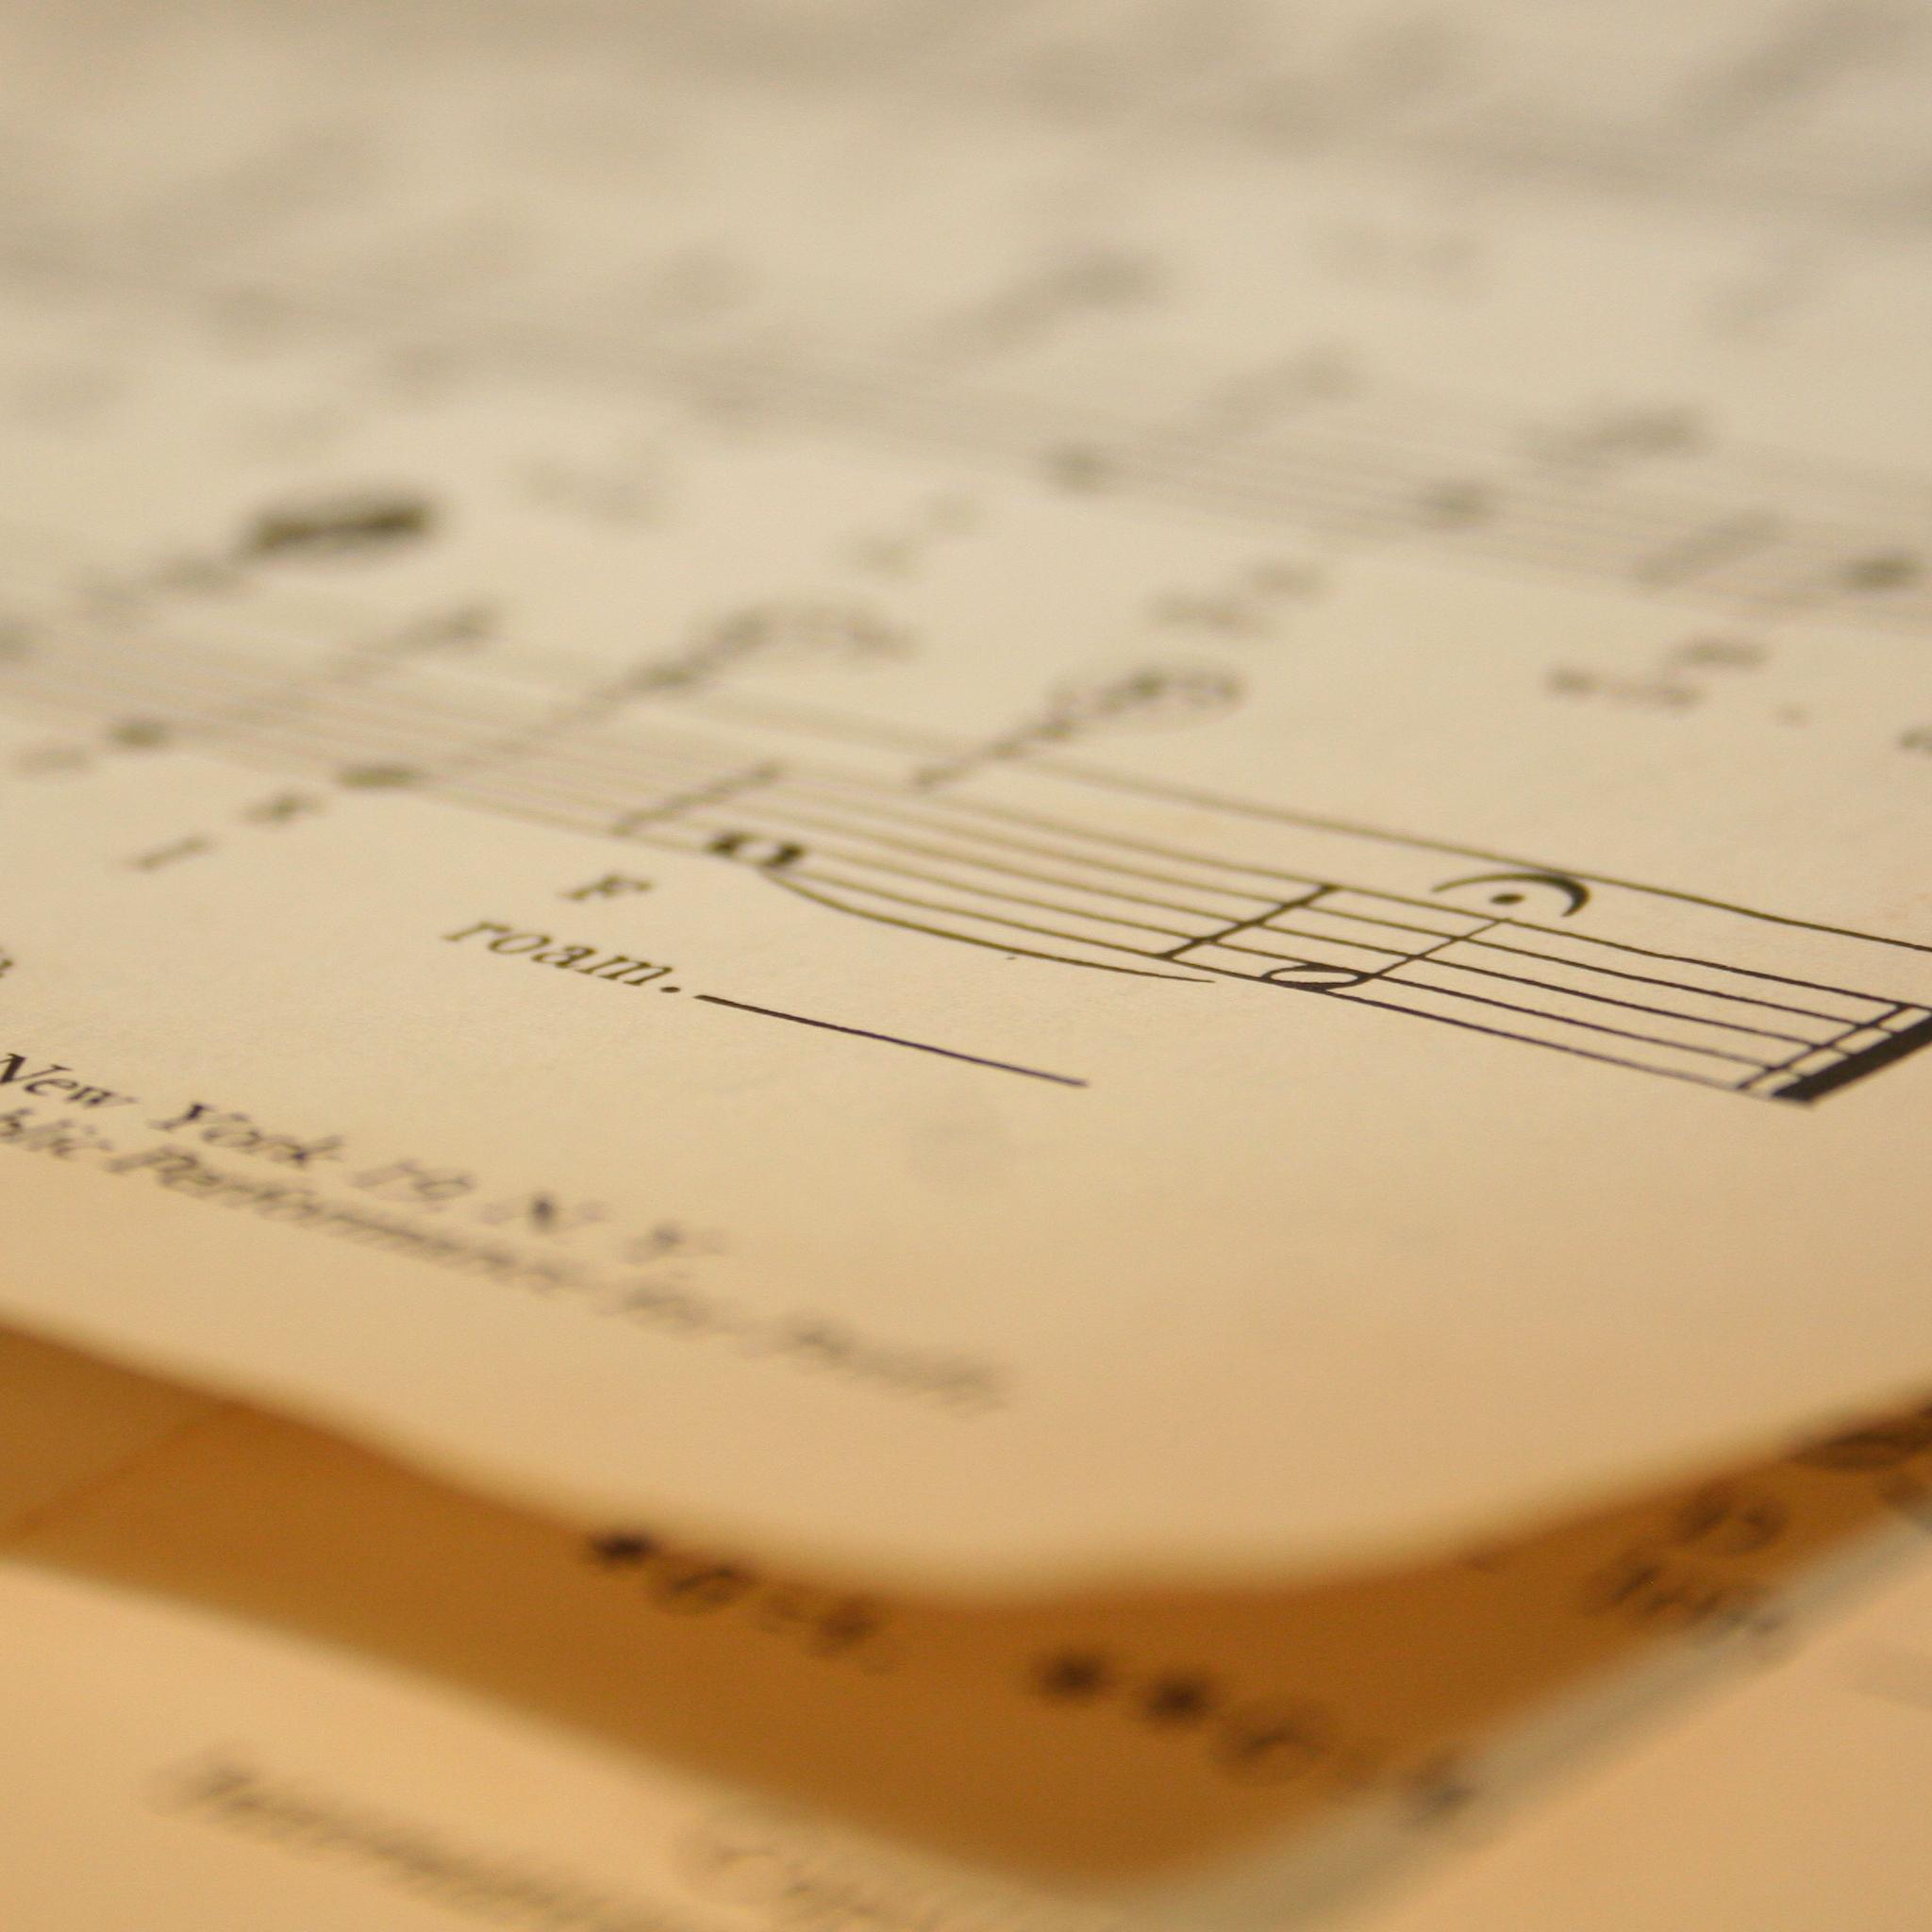 Feuille-de-musique_3_Wallpapers_iPad